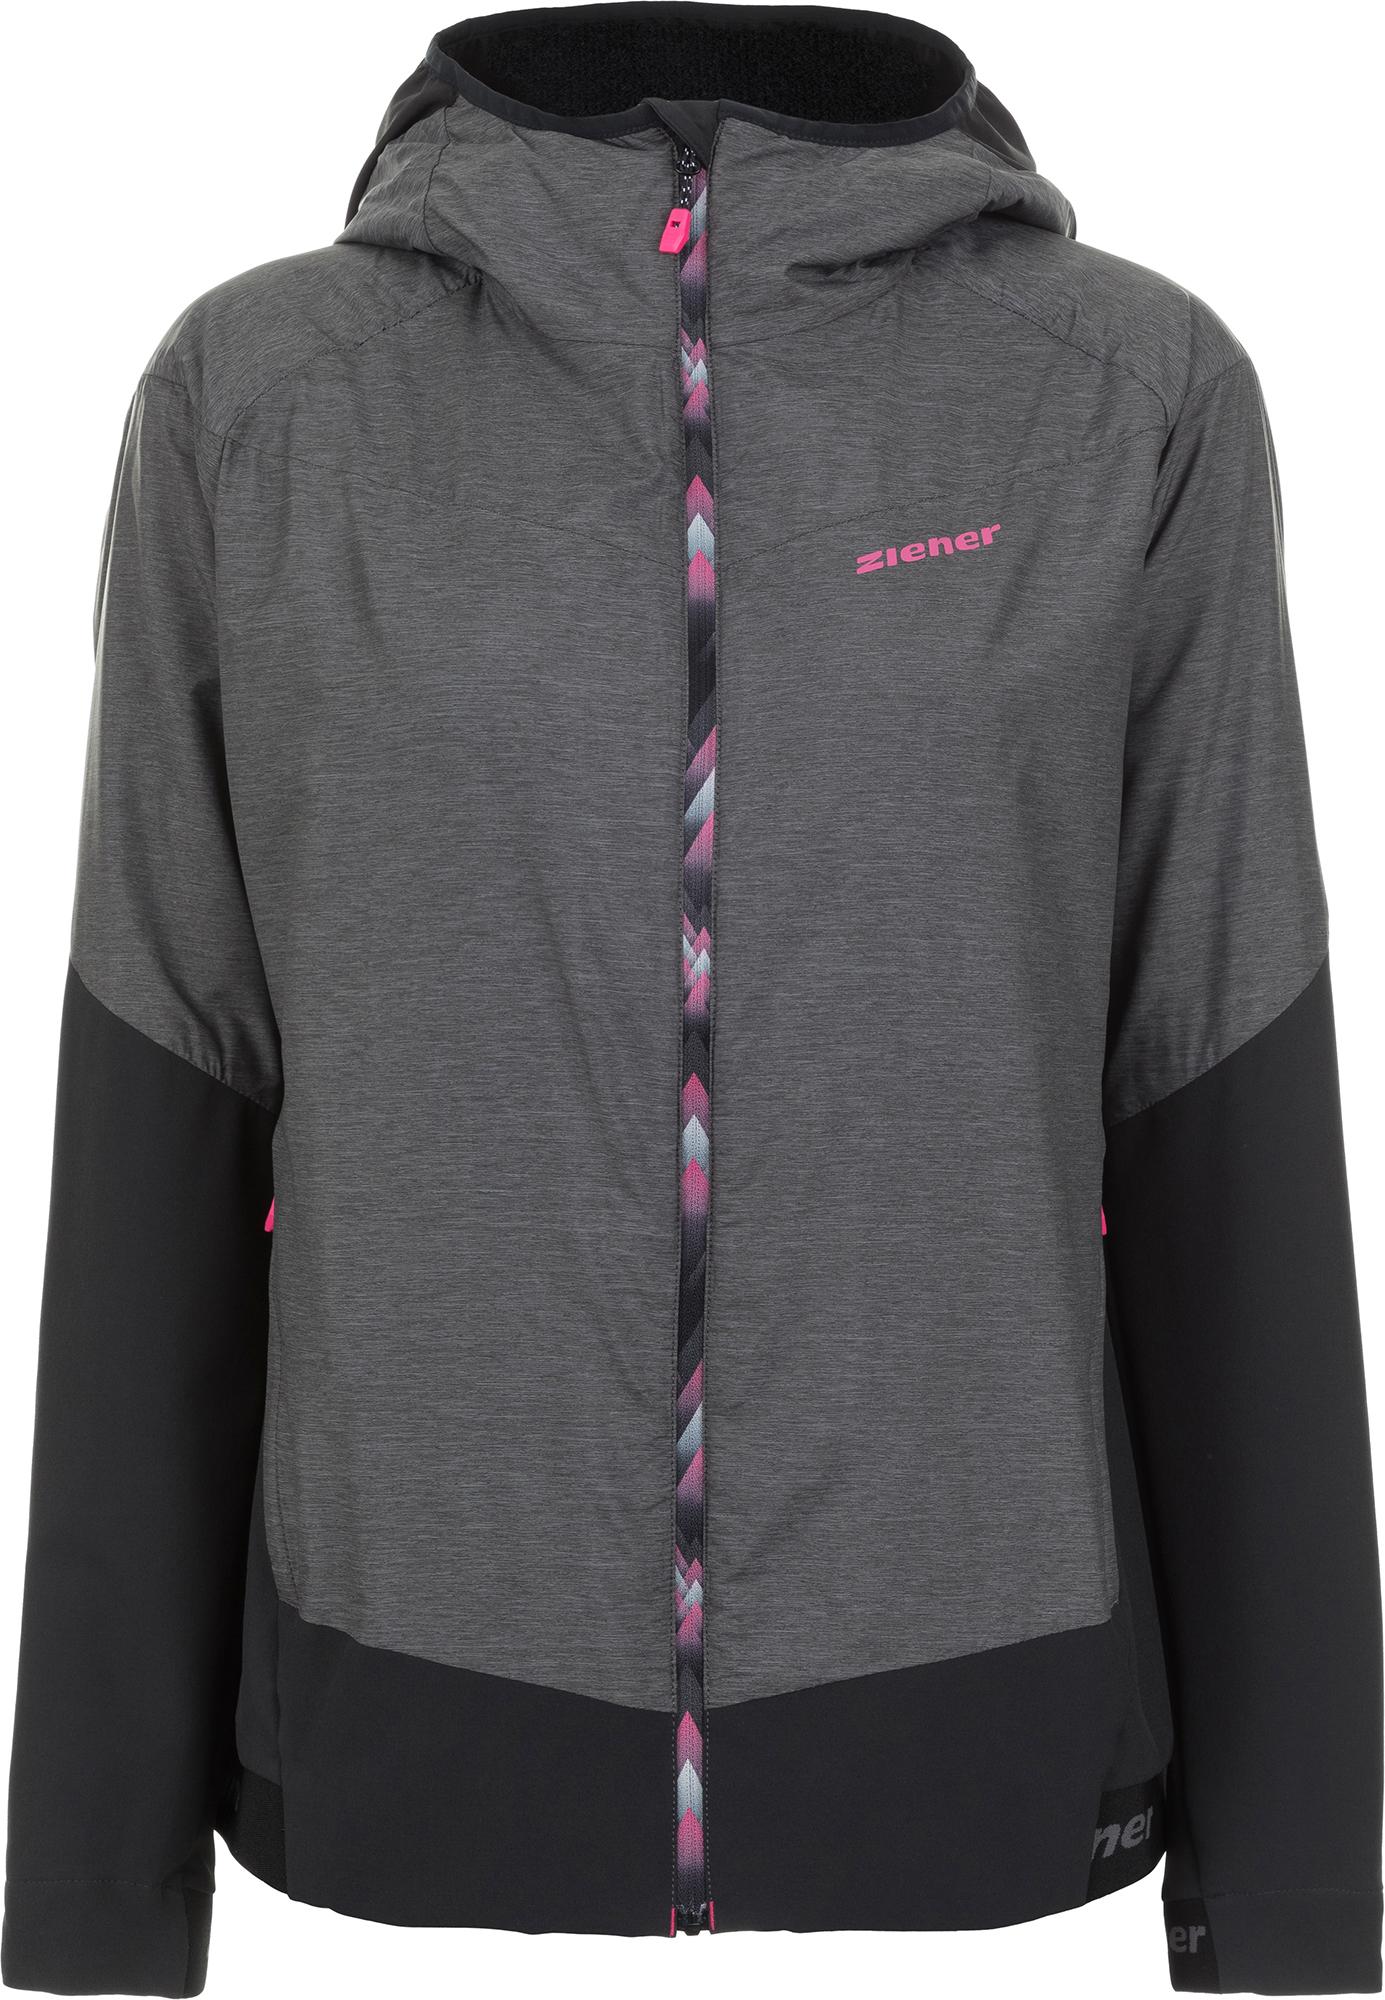 Ziener Куртка утепленная женская Ziener Nadina, размер 44